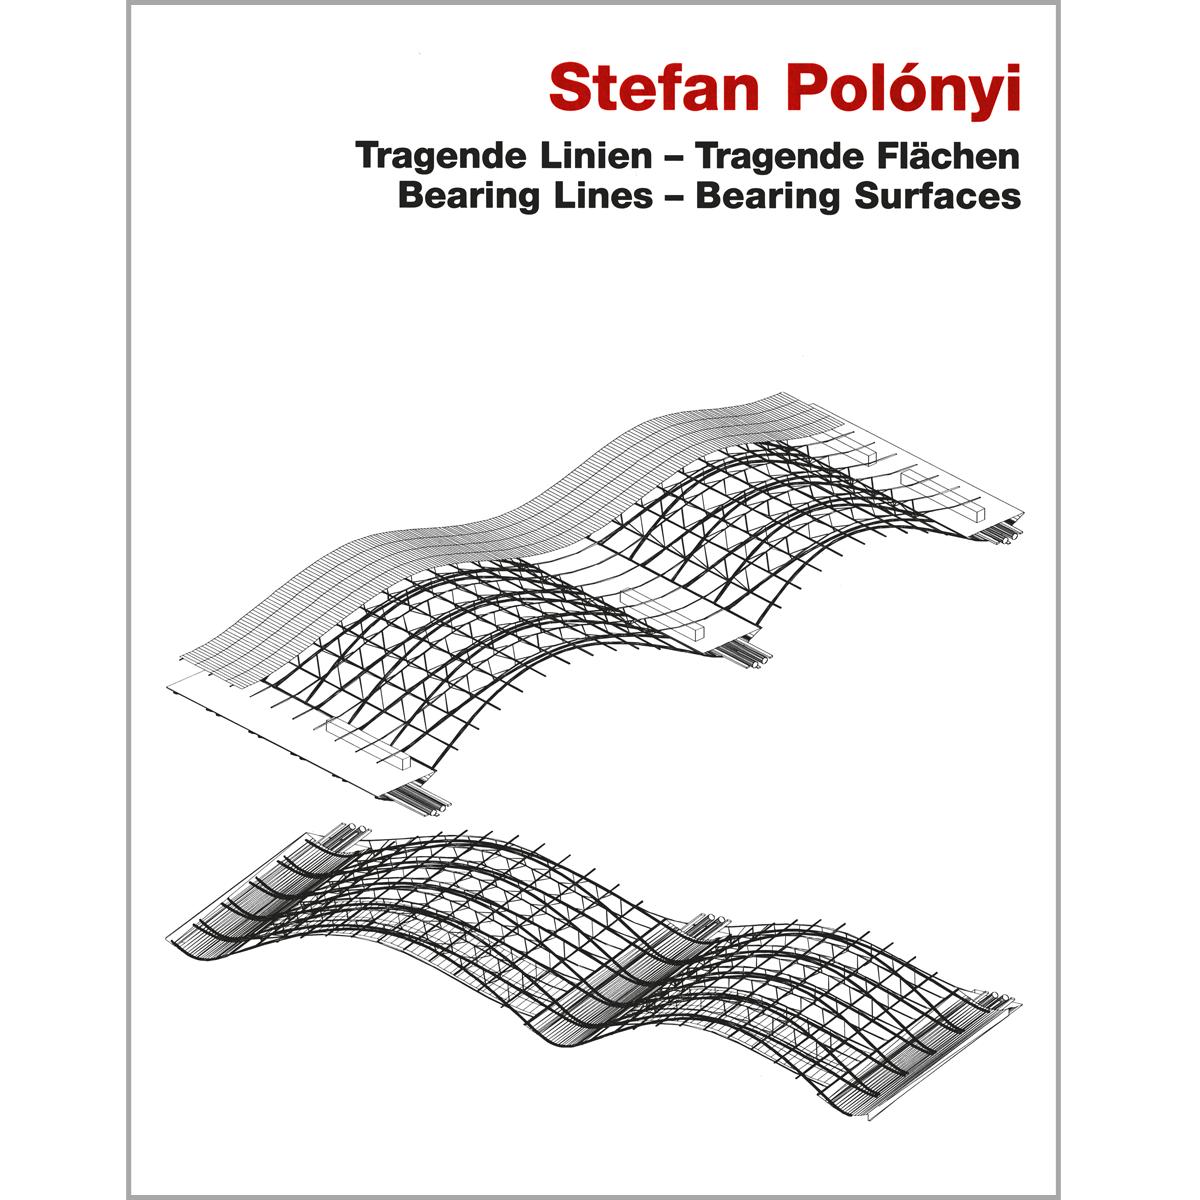 Stefan Polónyi